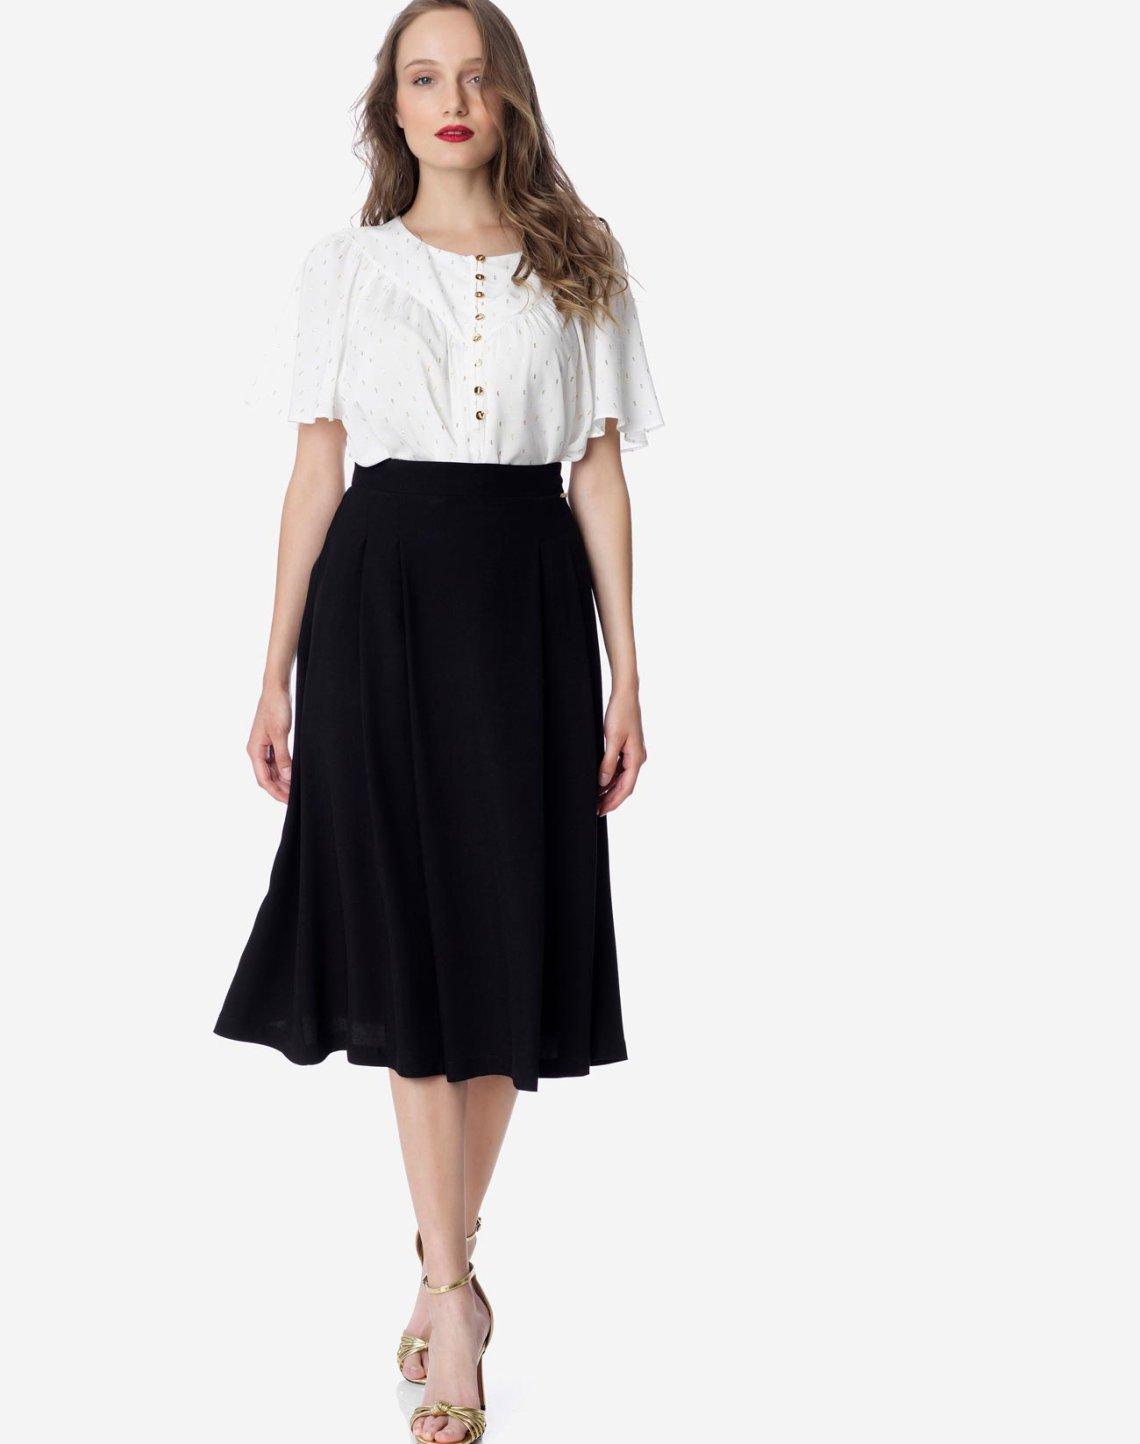 Μίντι φούστα με πιέτες